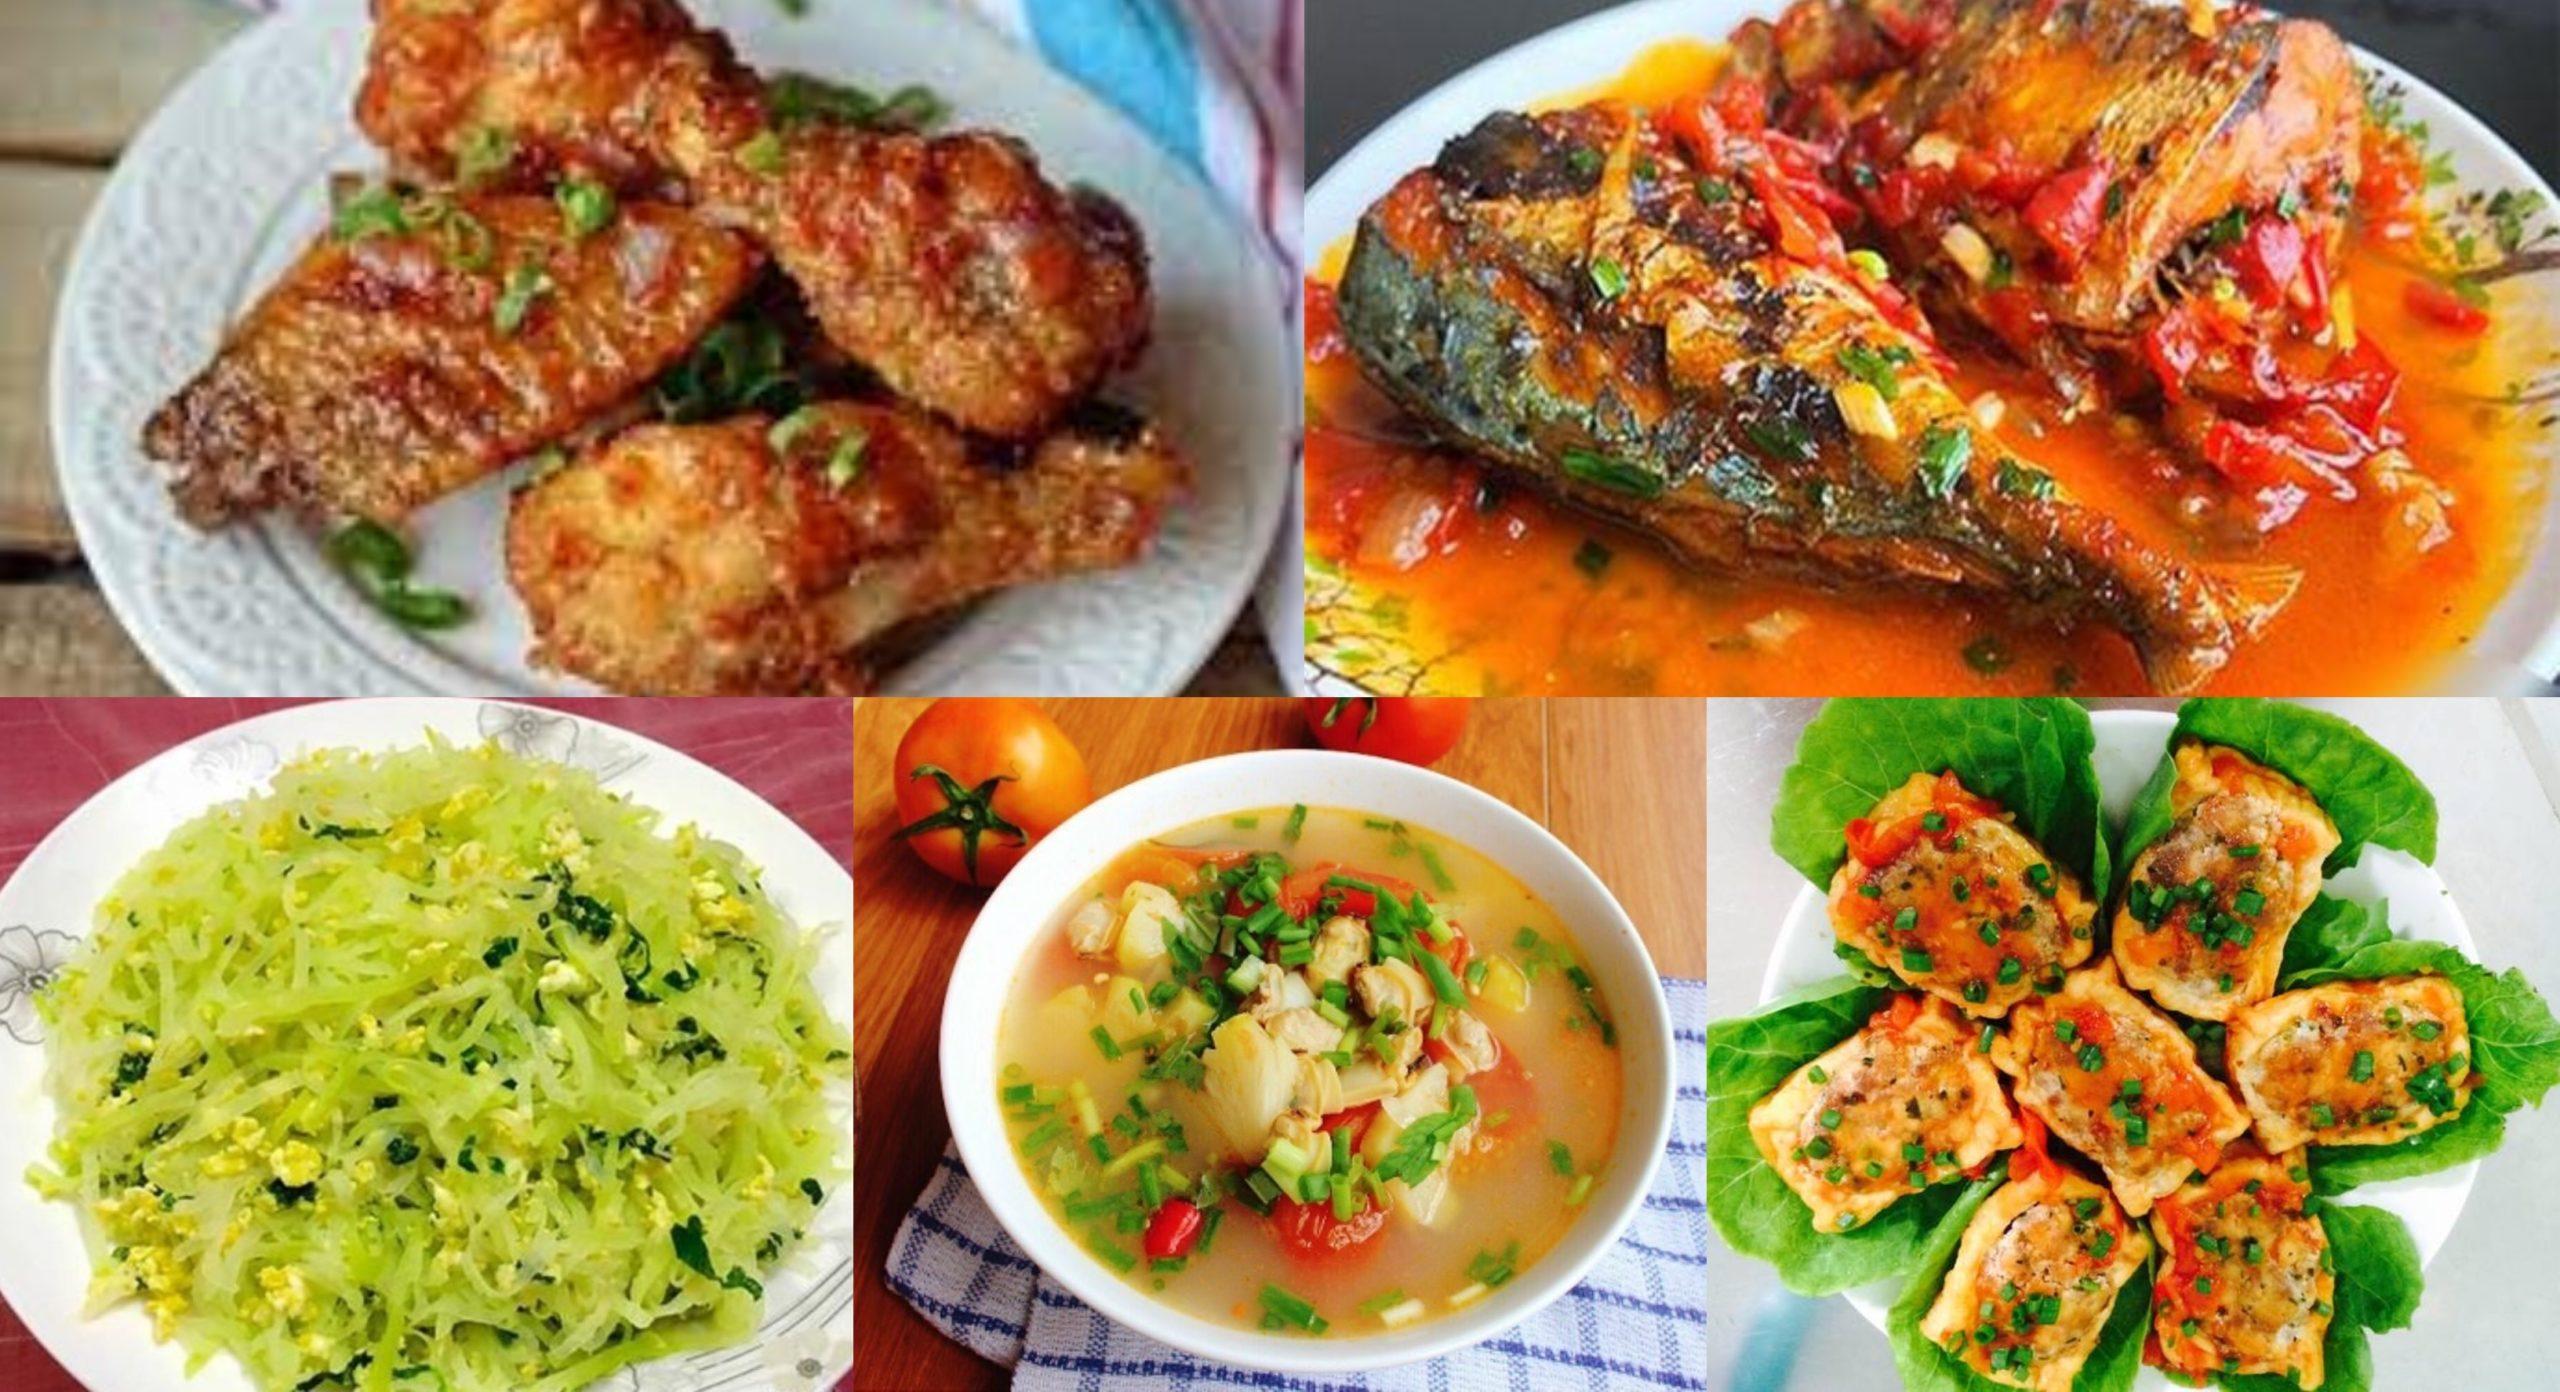 Món ngon mỗi ngày, thân khoẻ, tâm an, trí tuệ minh...nấu món ngon mỗi ngày; cách nấu món ngon mỗi ngày.